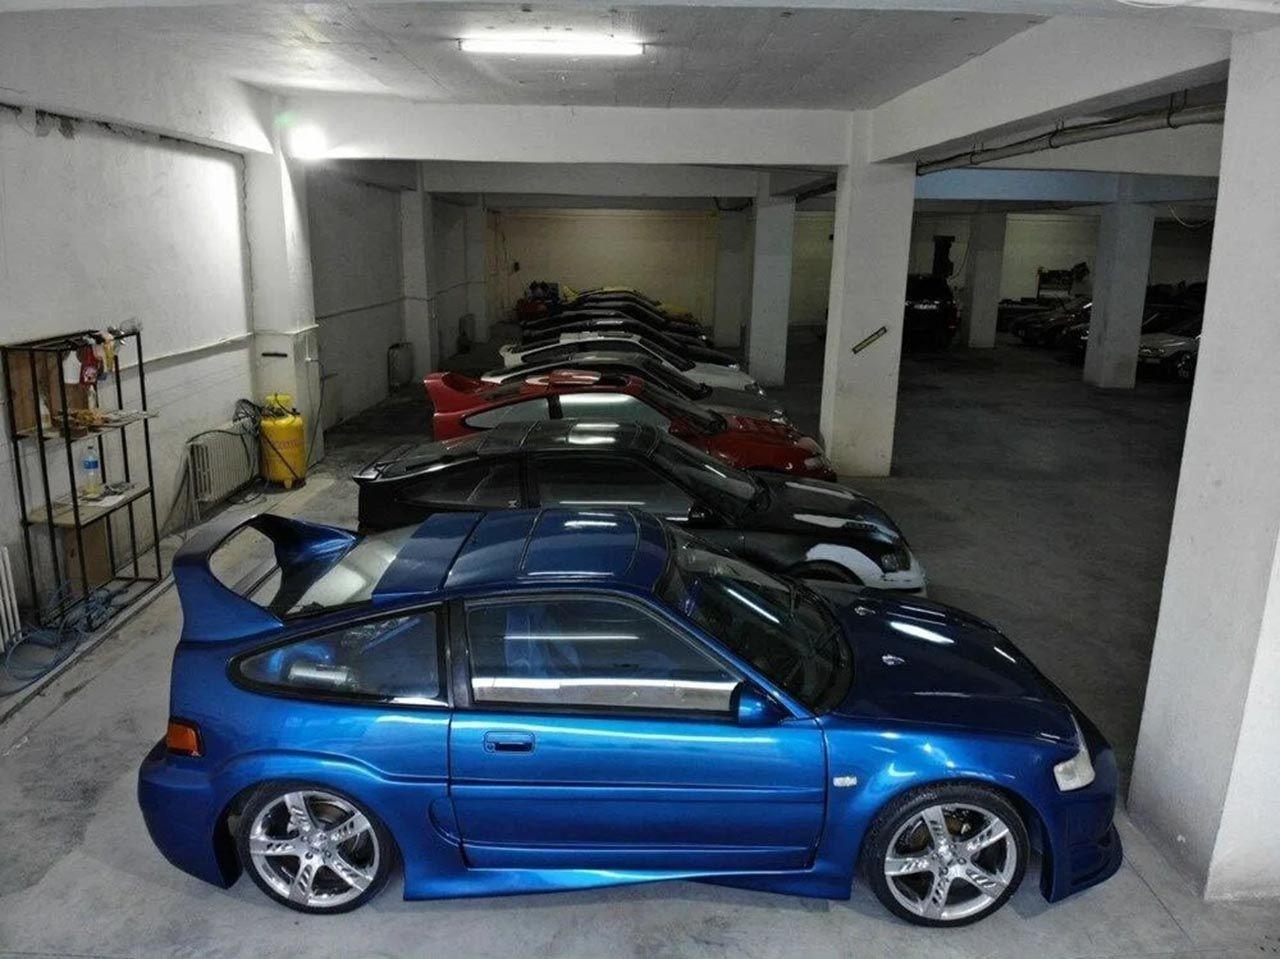 Türkiye'nin en büyük otomobil koleksiyonu satılıyor! 17 araç, 17'si de aynı araç! - Resim: 1